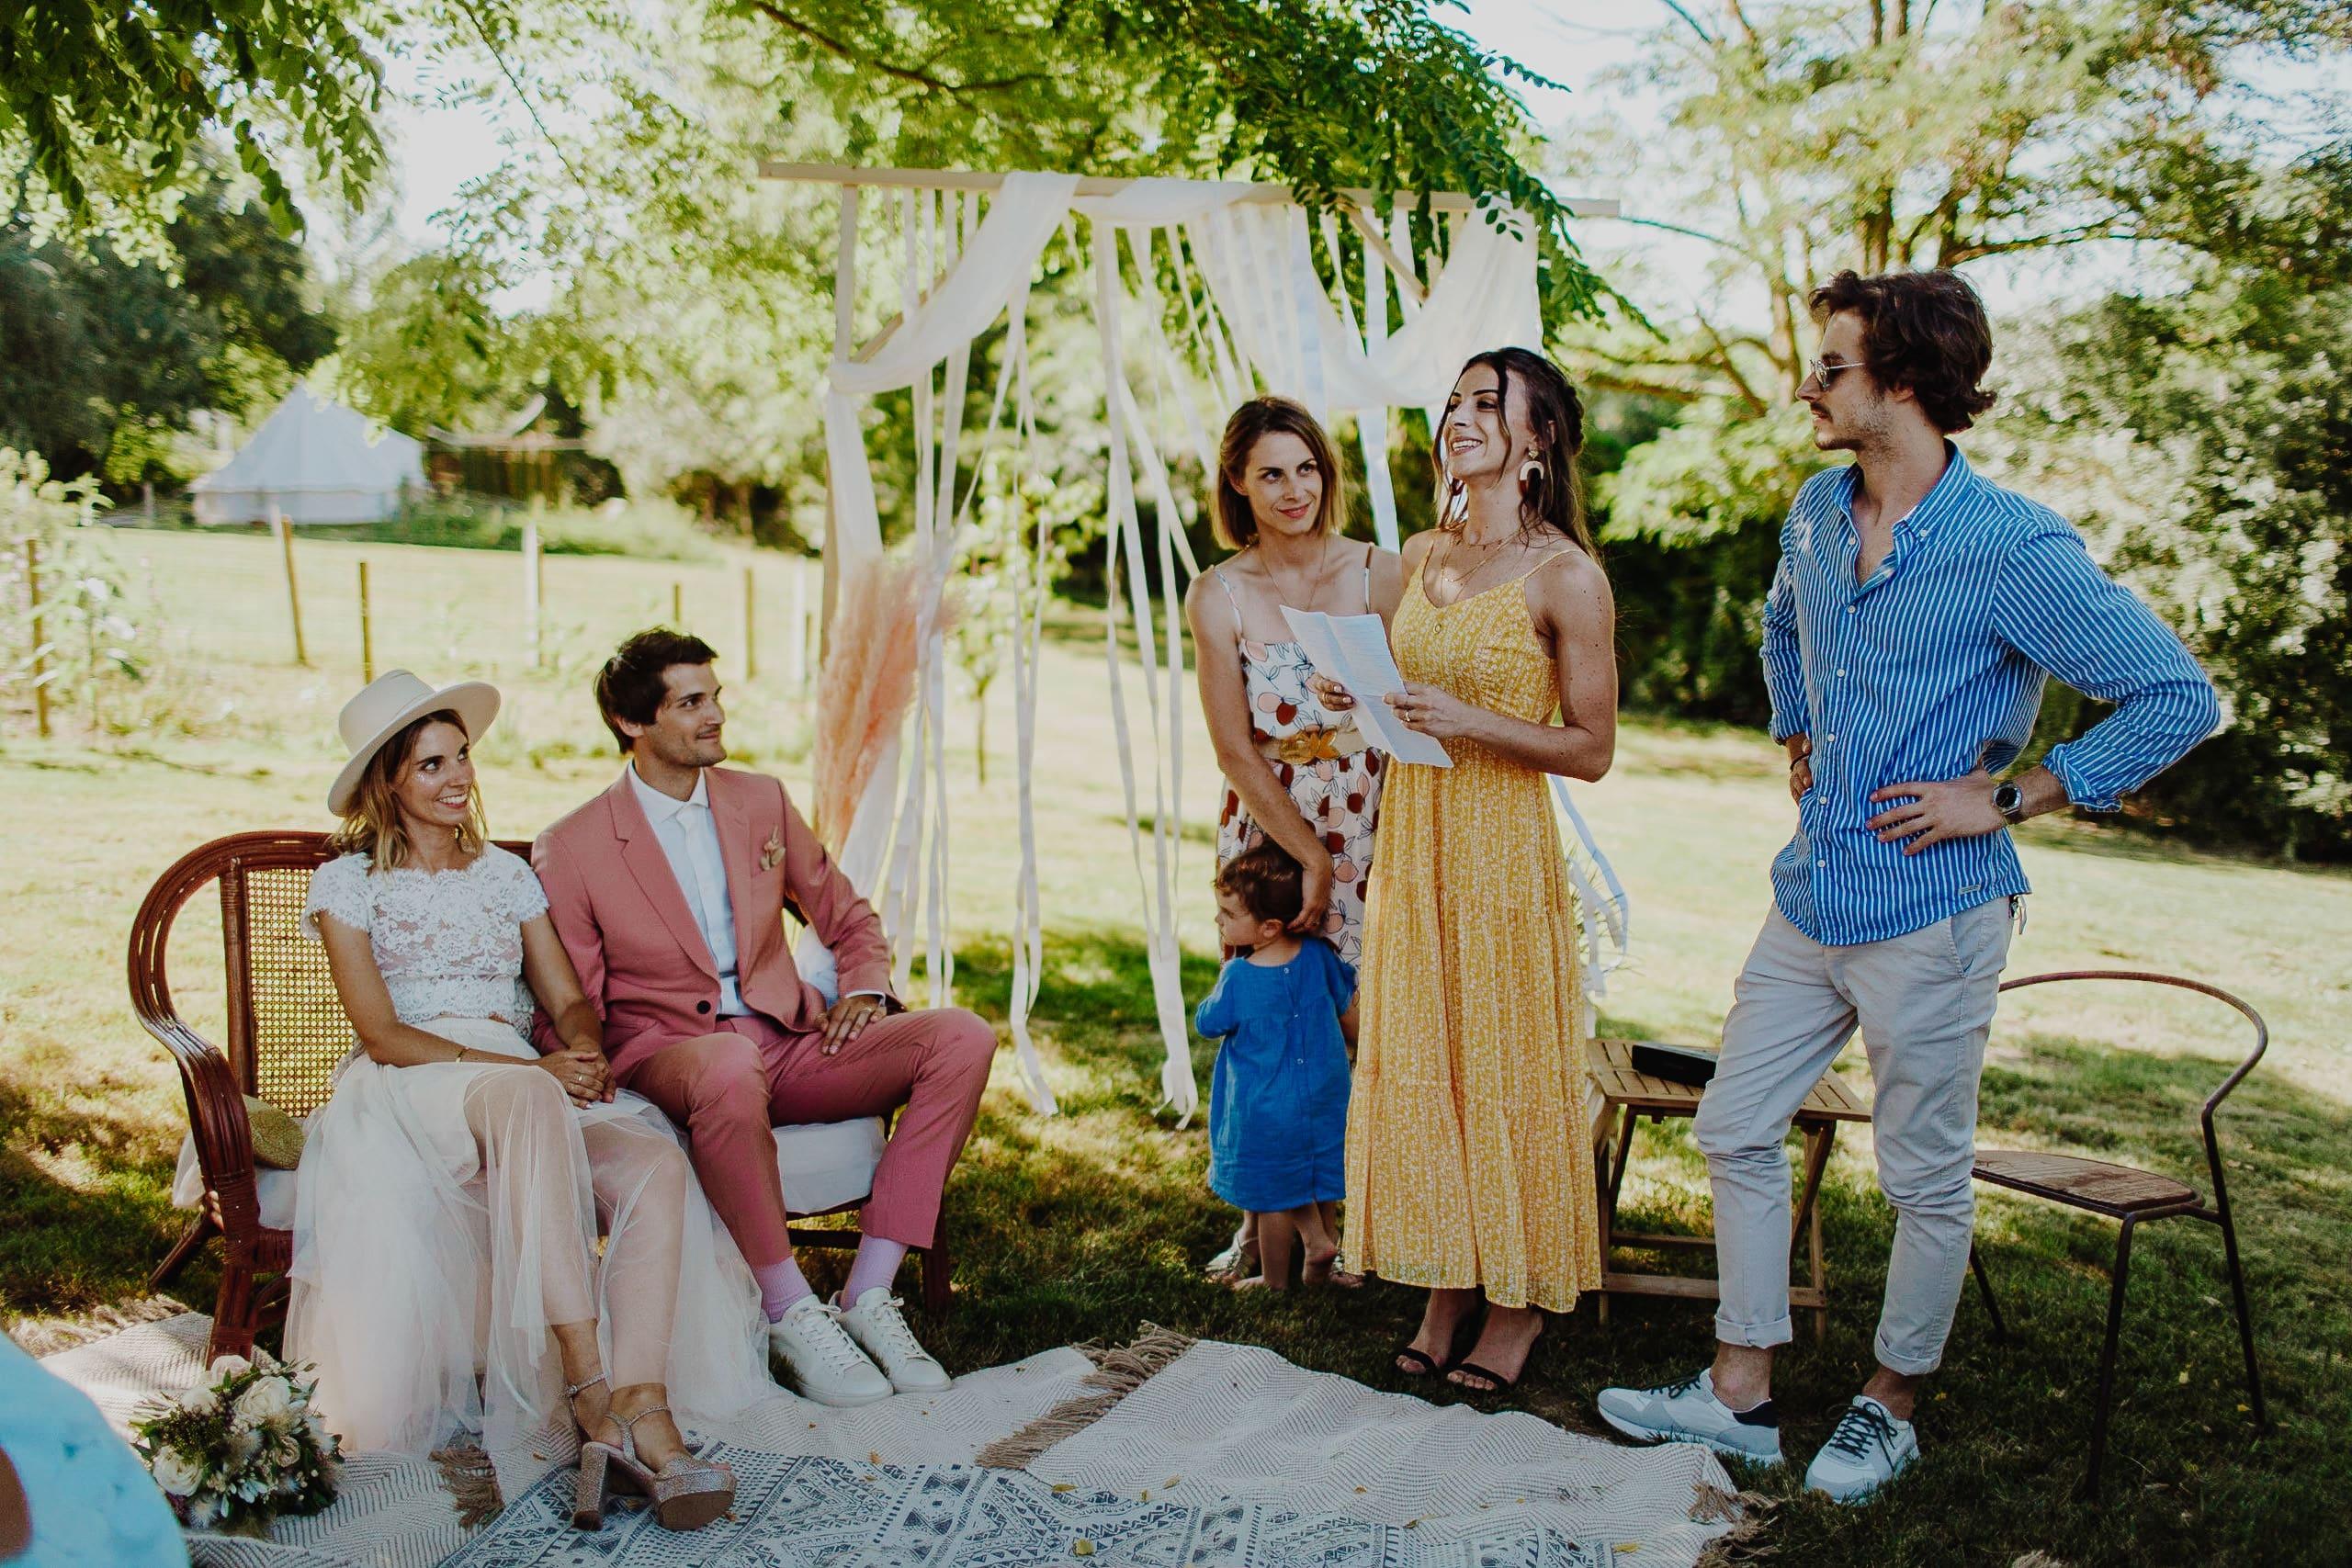 mariage-ceremonie-laique-boheme-californie-toulouse-8 une Mariage à La maison du Lac | Remember Happiness Photographie